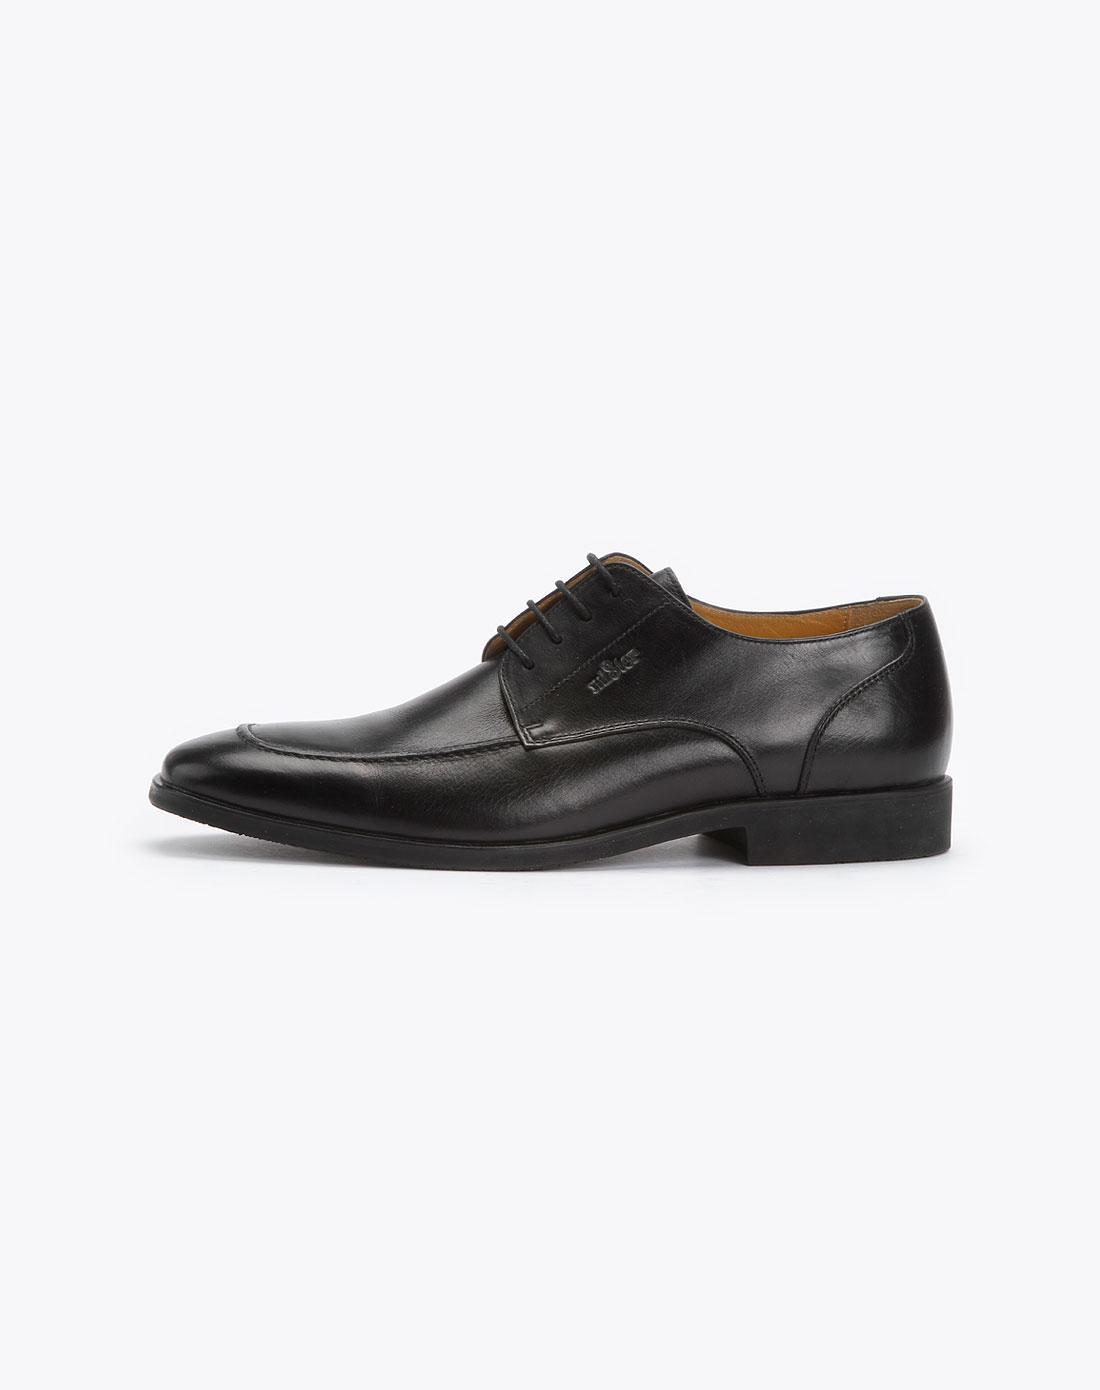 黑色系带正装皮鞋_名仕mister特价2.5-2